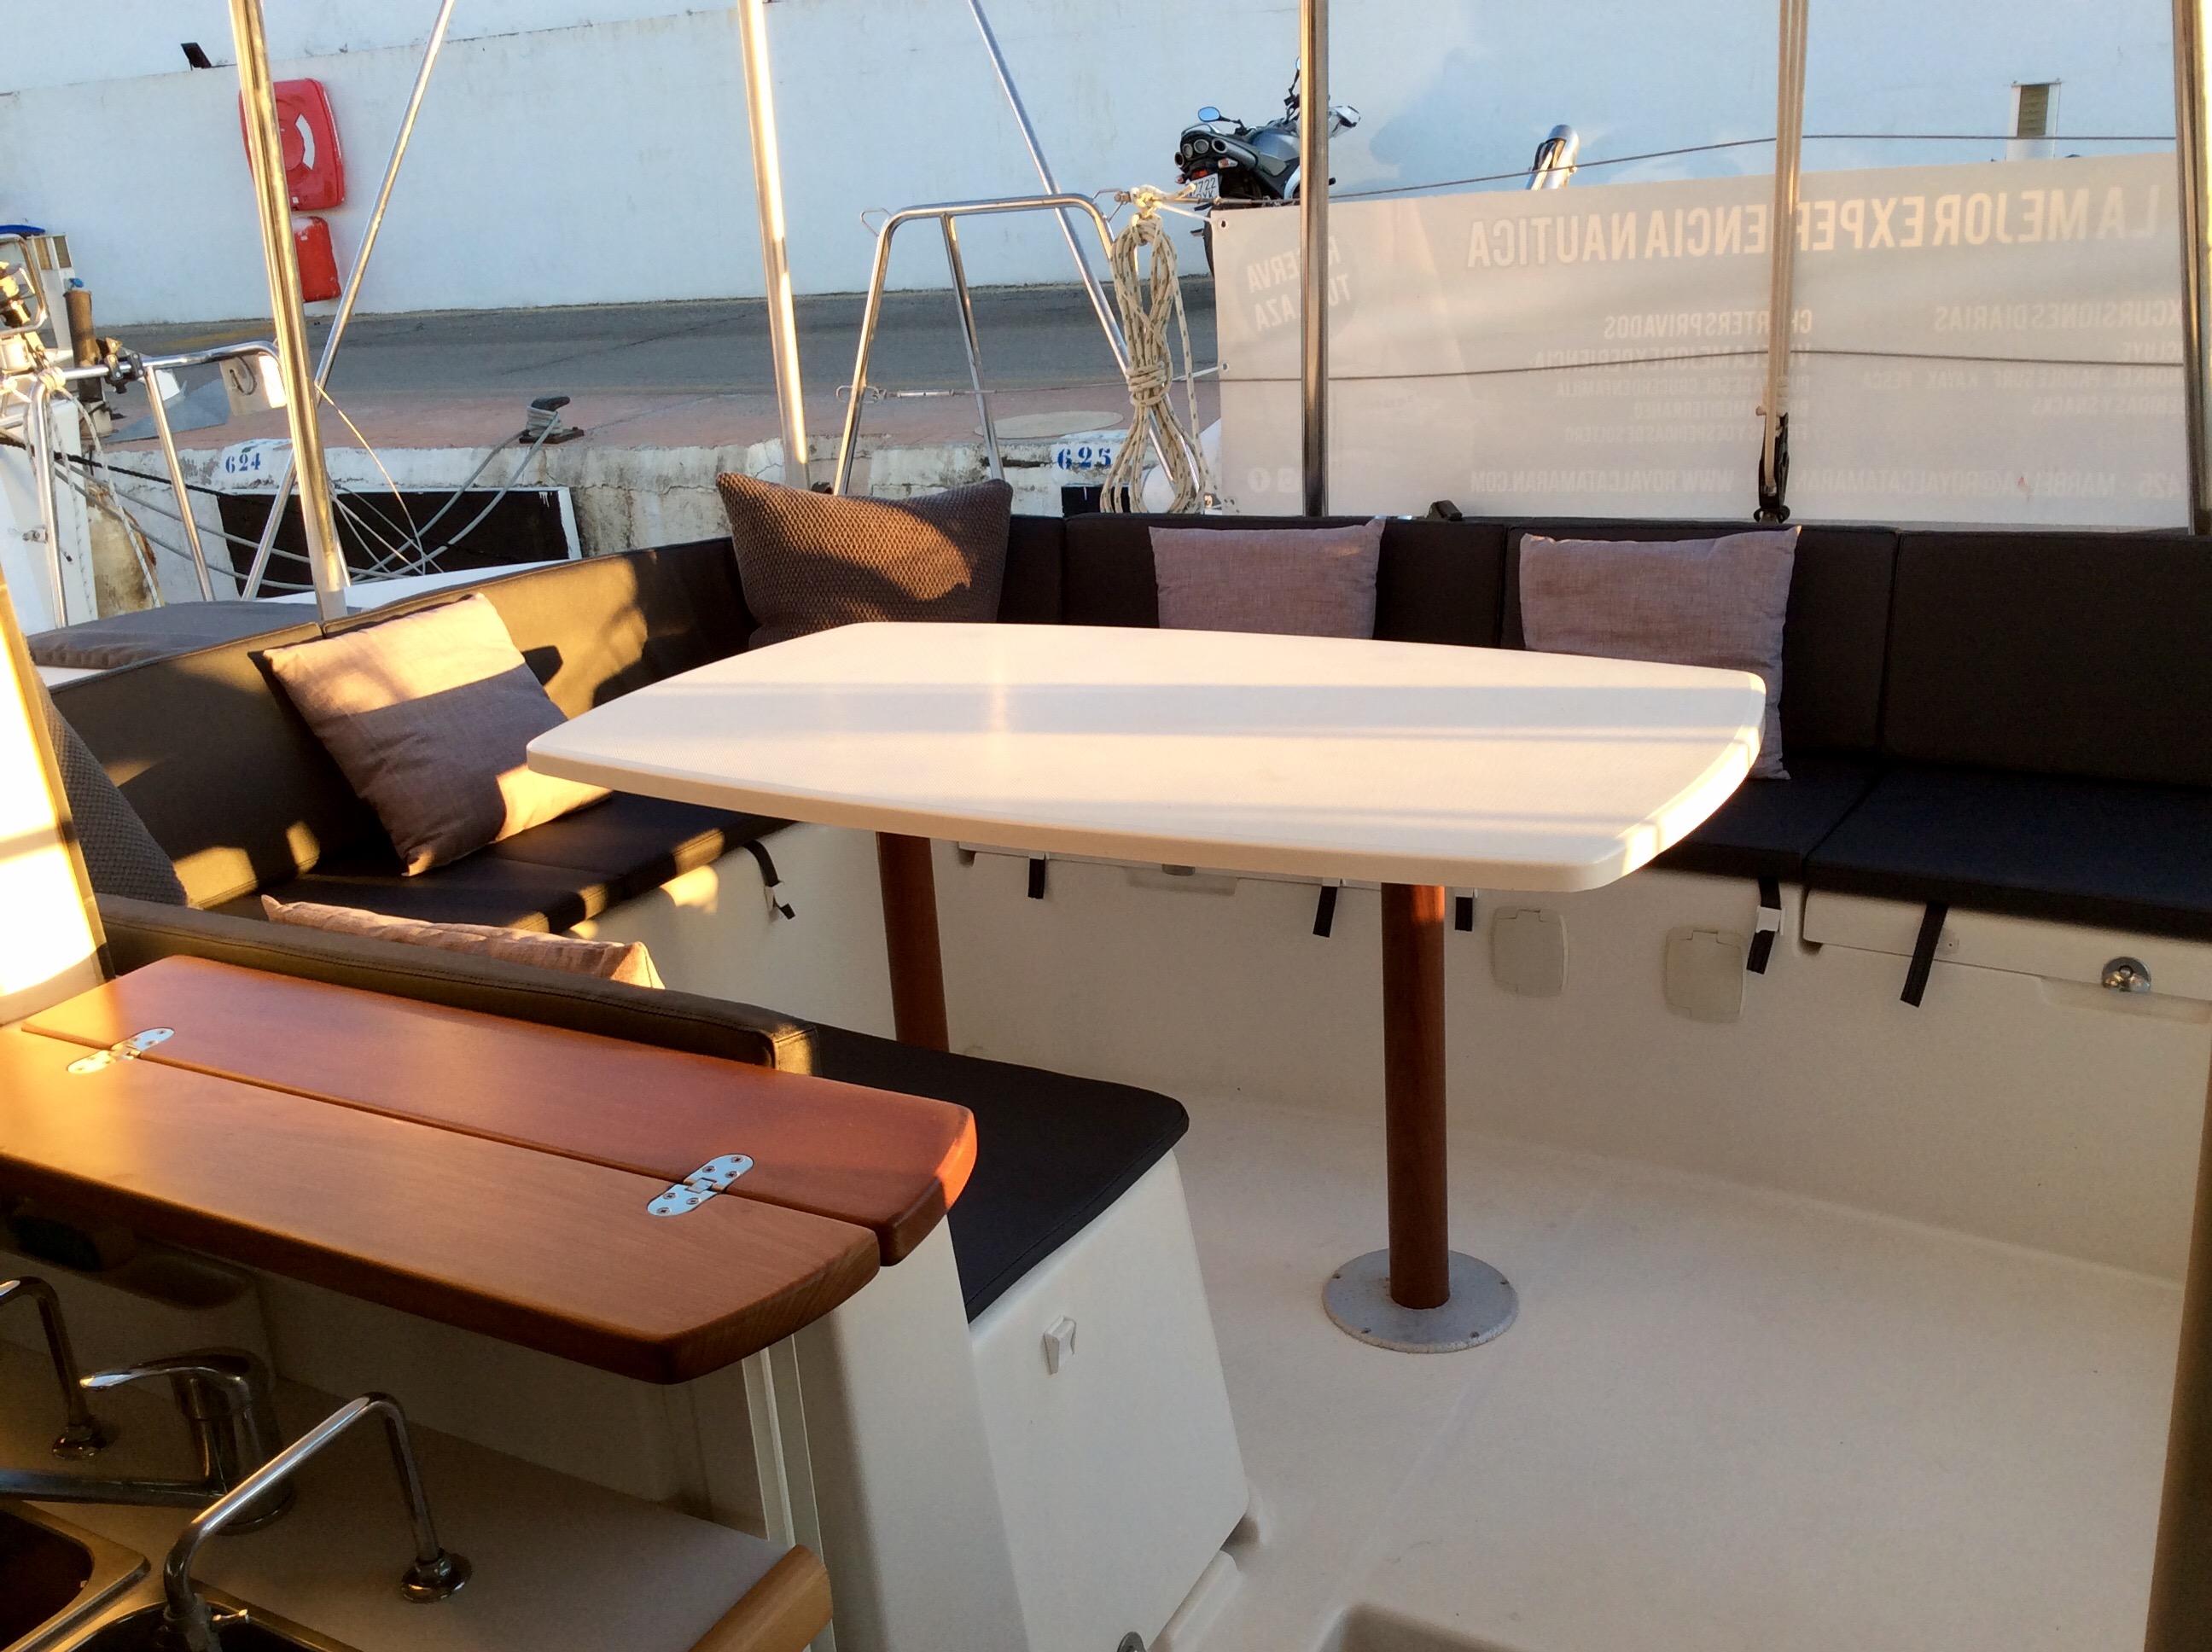 Stern terrace seating area / Zona de estar en terraza en popa